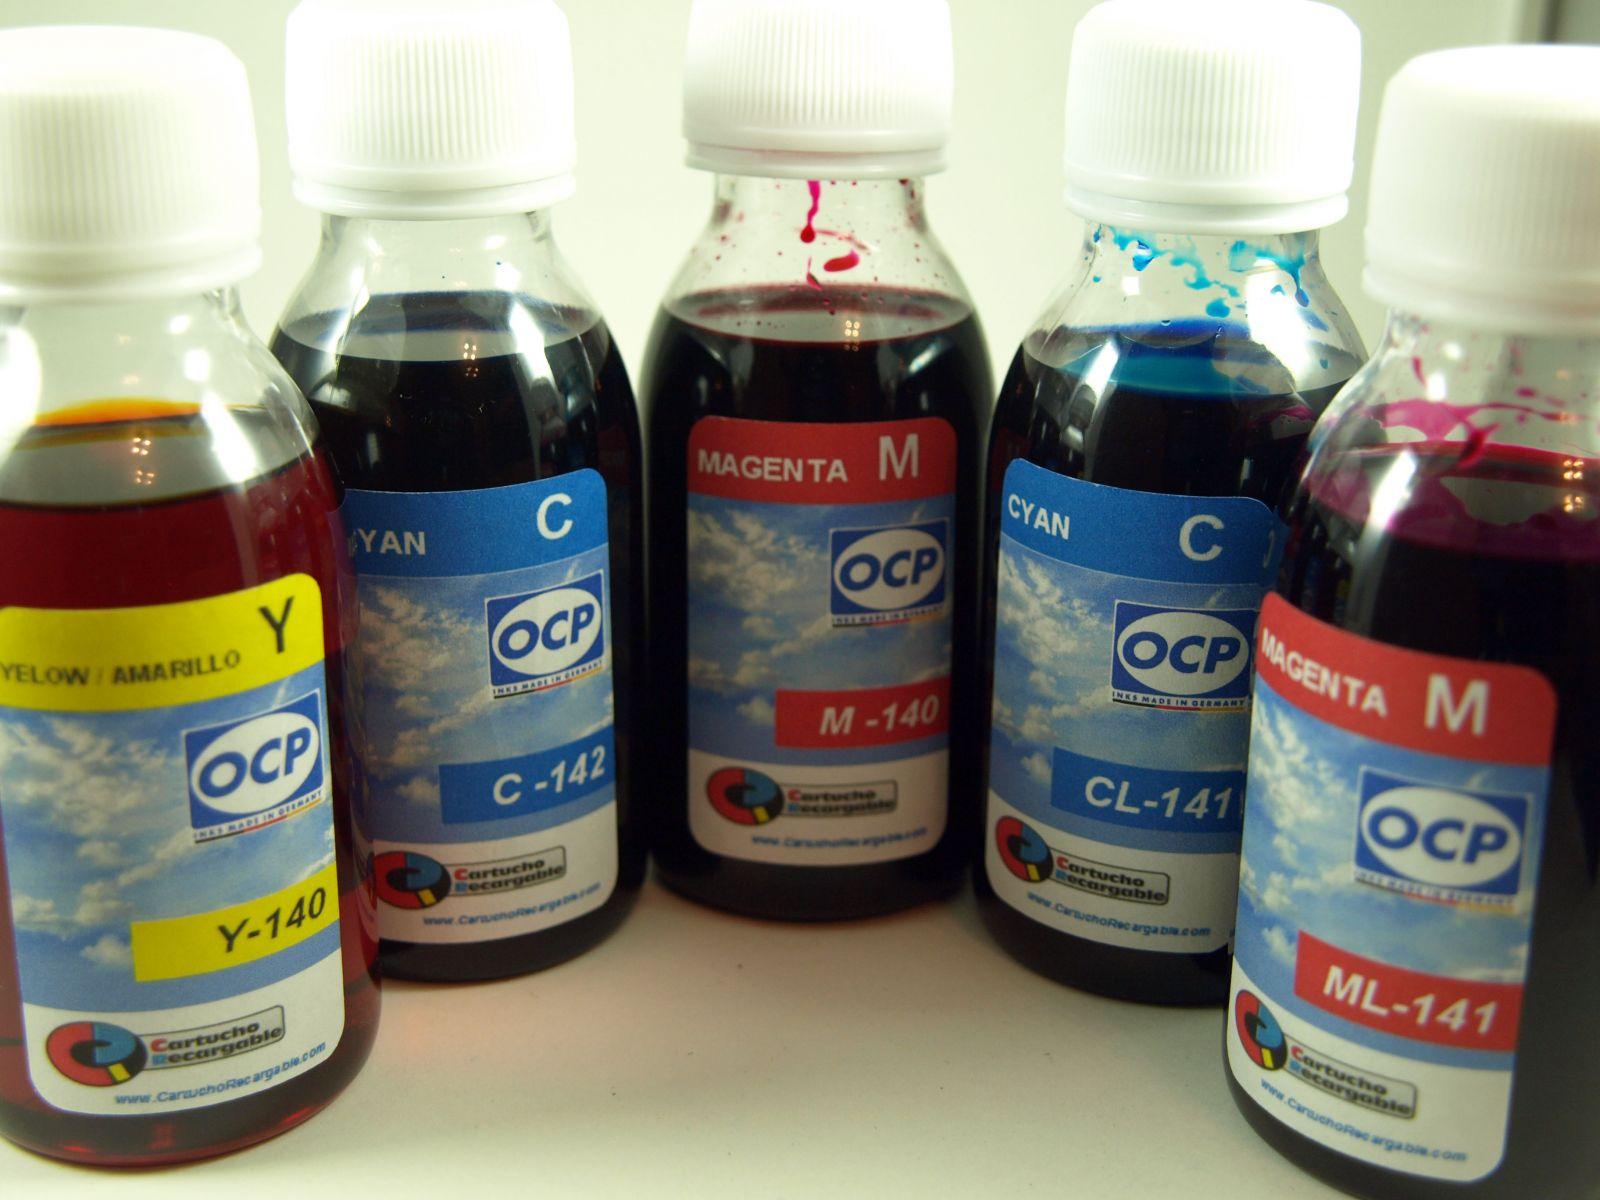 24XL / TINTA marca OCP PARA RECARGA DE CARTUCHOS y sistemas CISS tipo epson serie 24 y 24XL ELEFANTE (NONOEM)